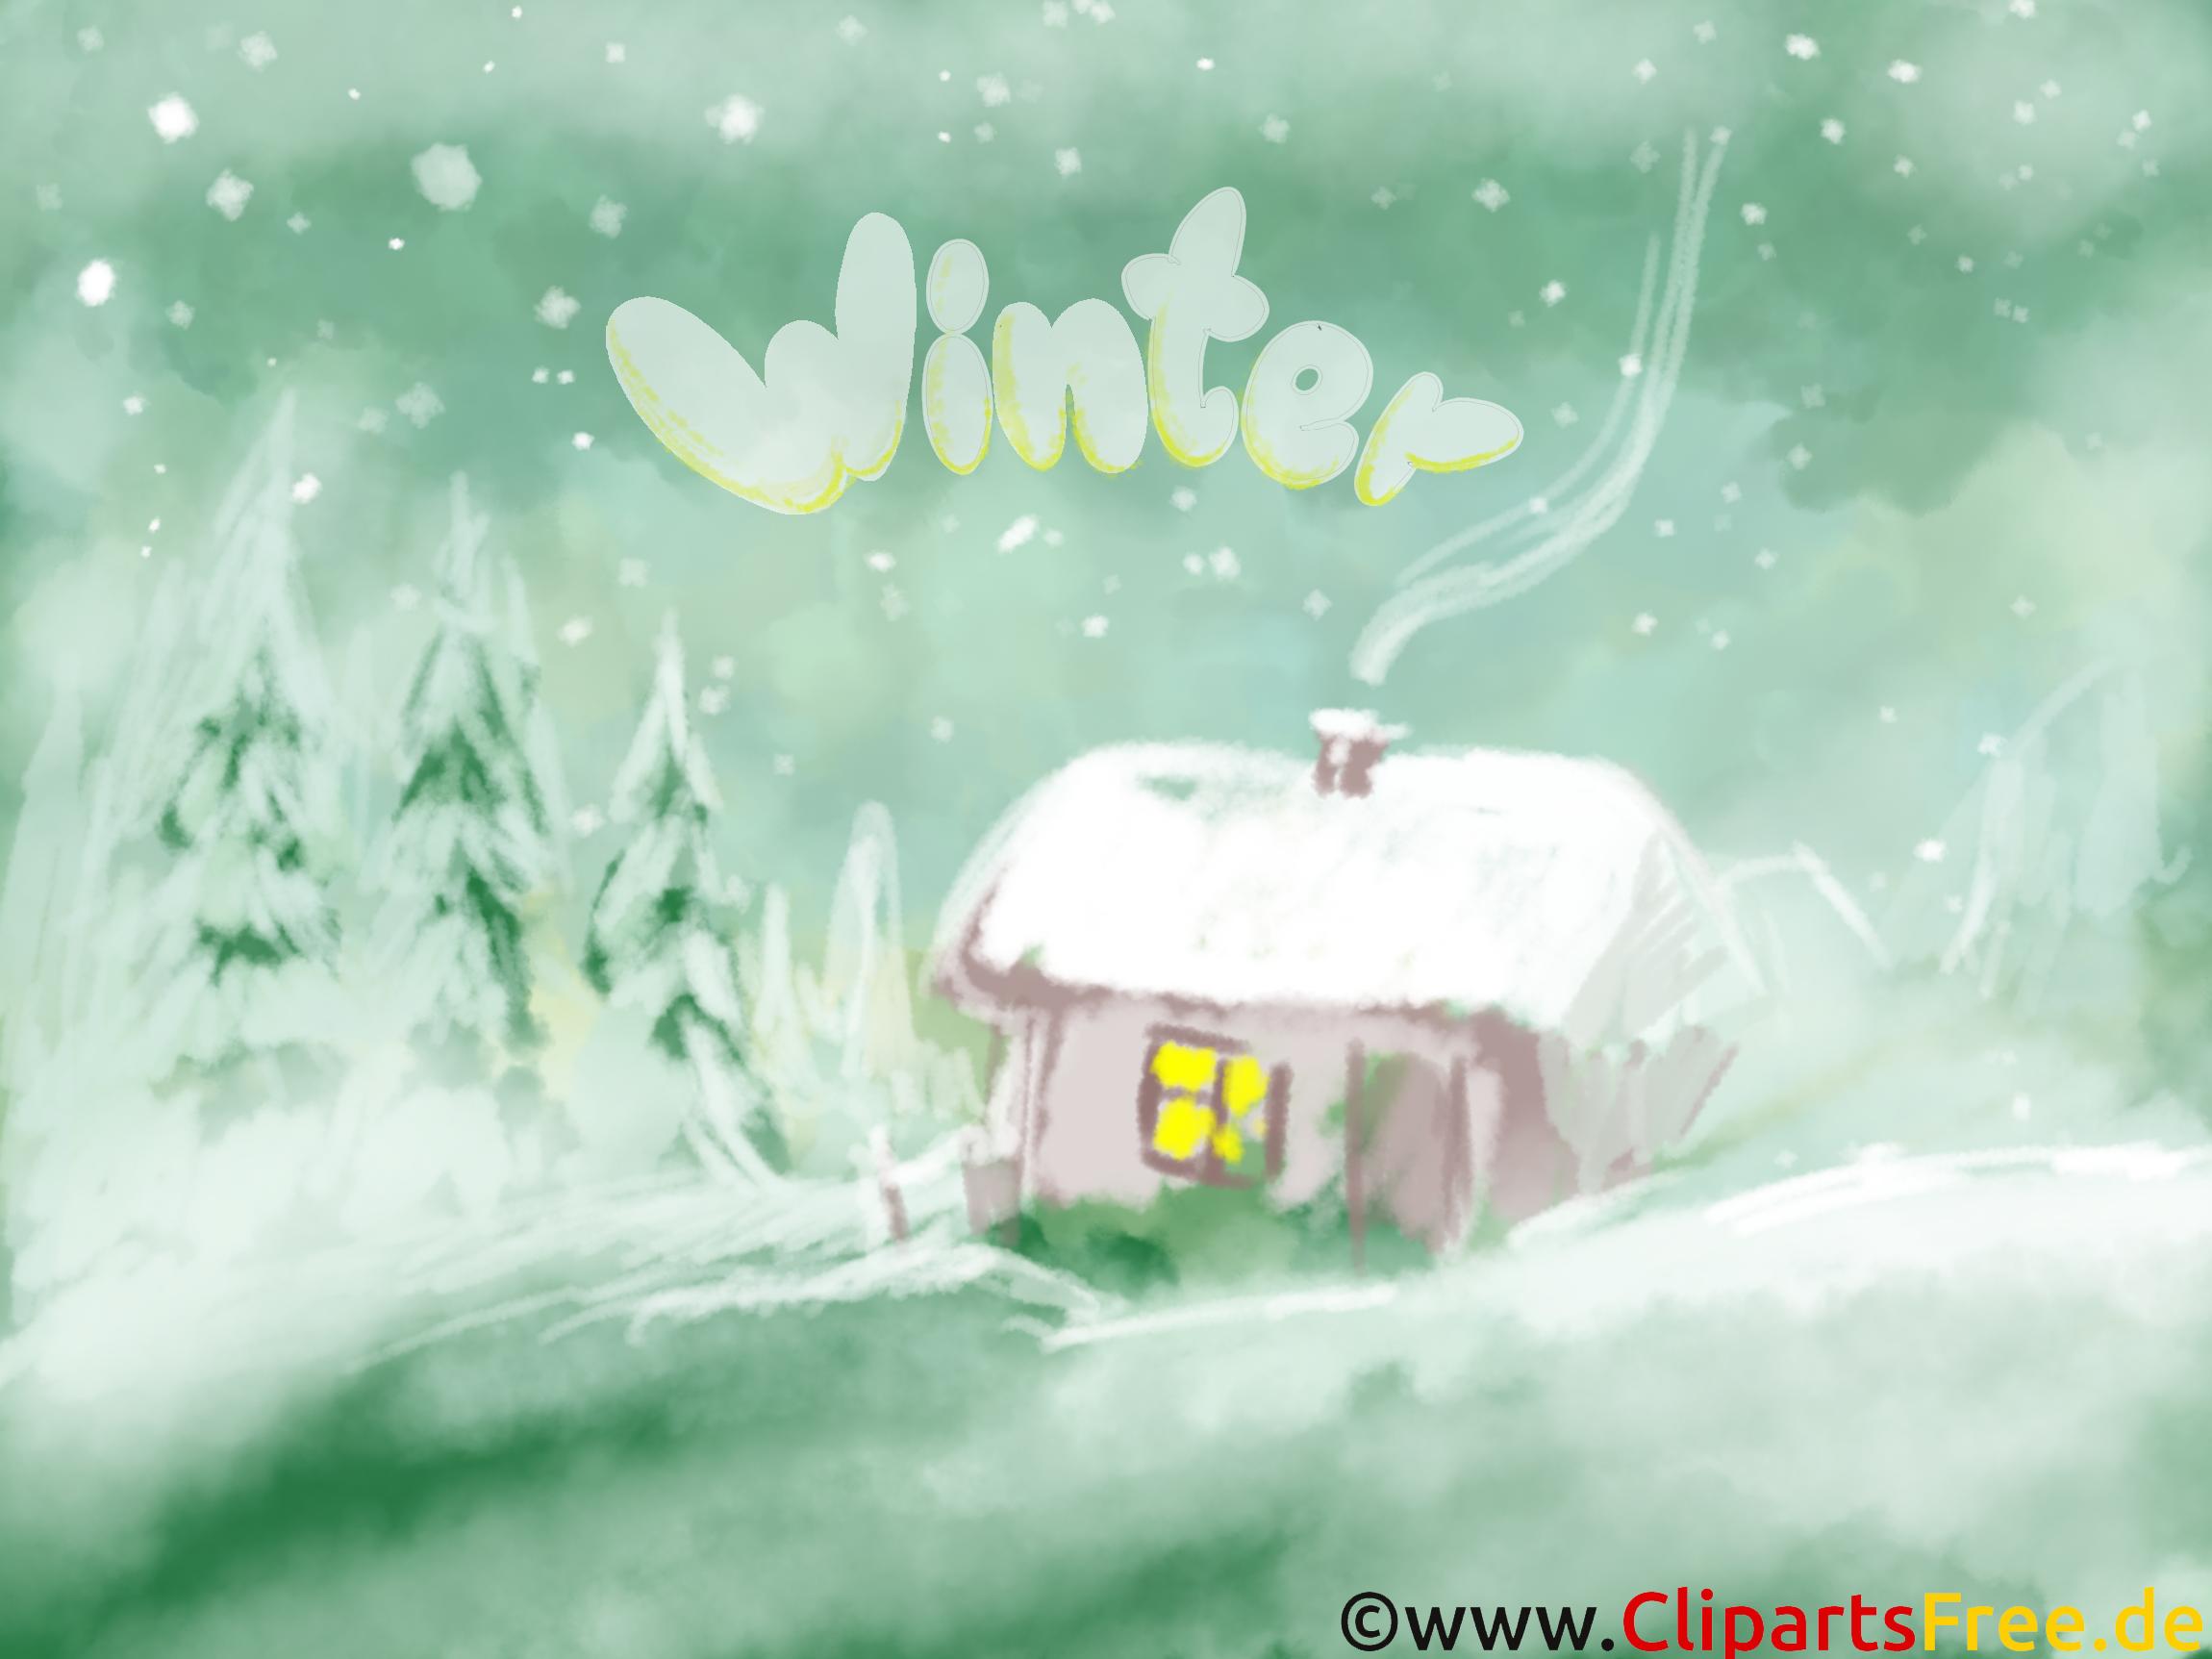 Hiver clipart gratuit fonds d 39 cran images fonds d for Fond ecran gratuit hiver